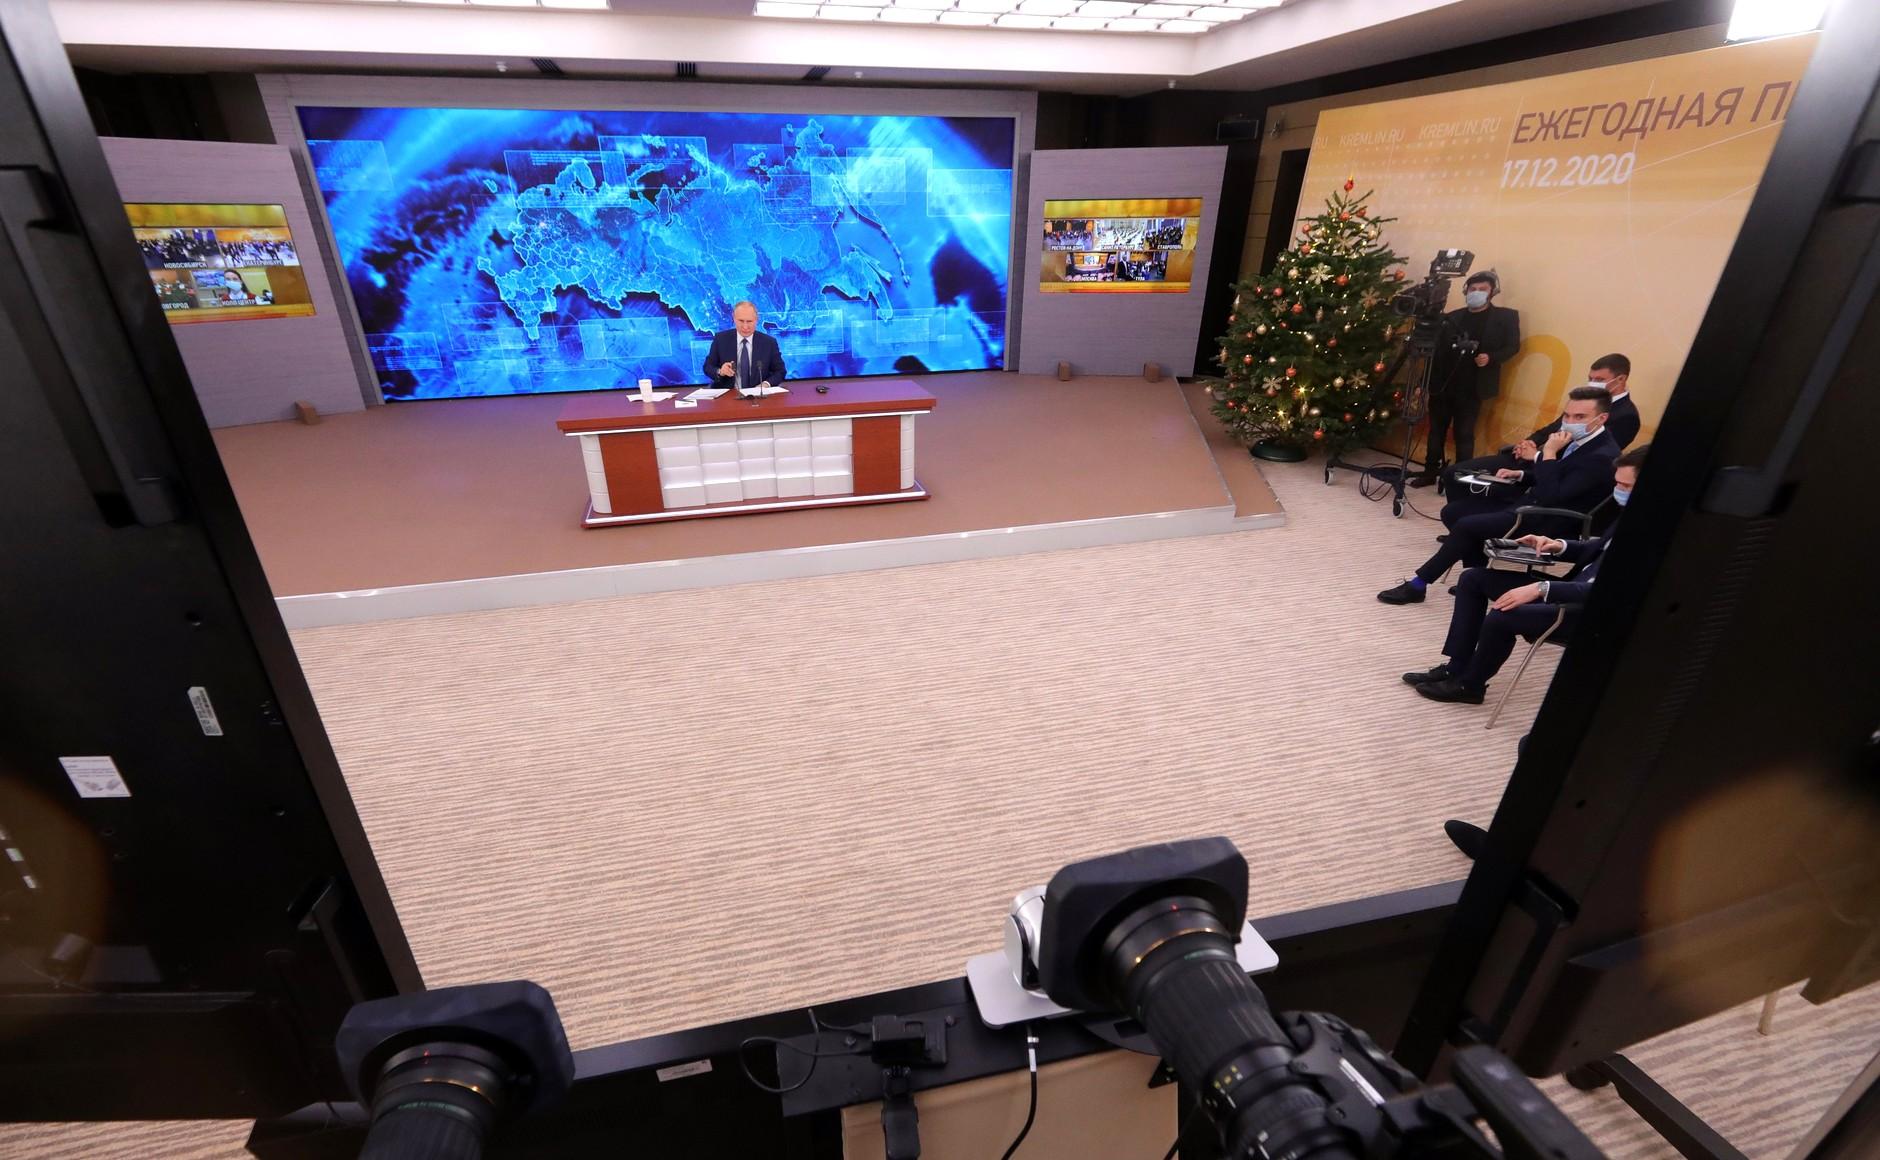 RUSSIE 17.12.2020.CONFERENCE 21 XX 66 Avant le début de la conférence de presse annuelle de Vladimir Poutine.